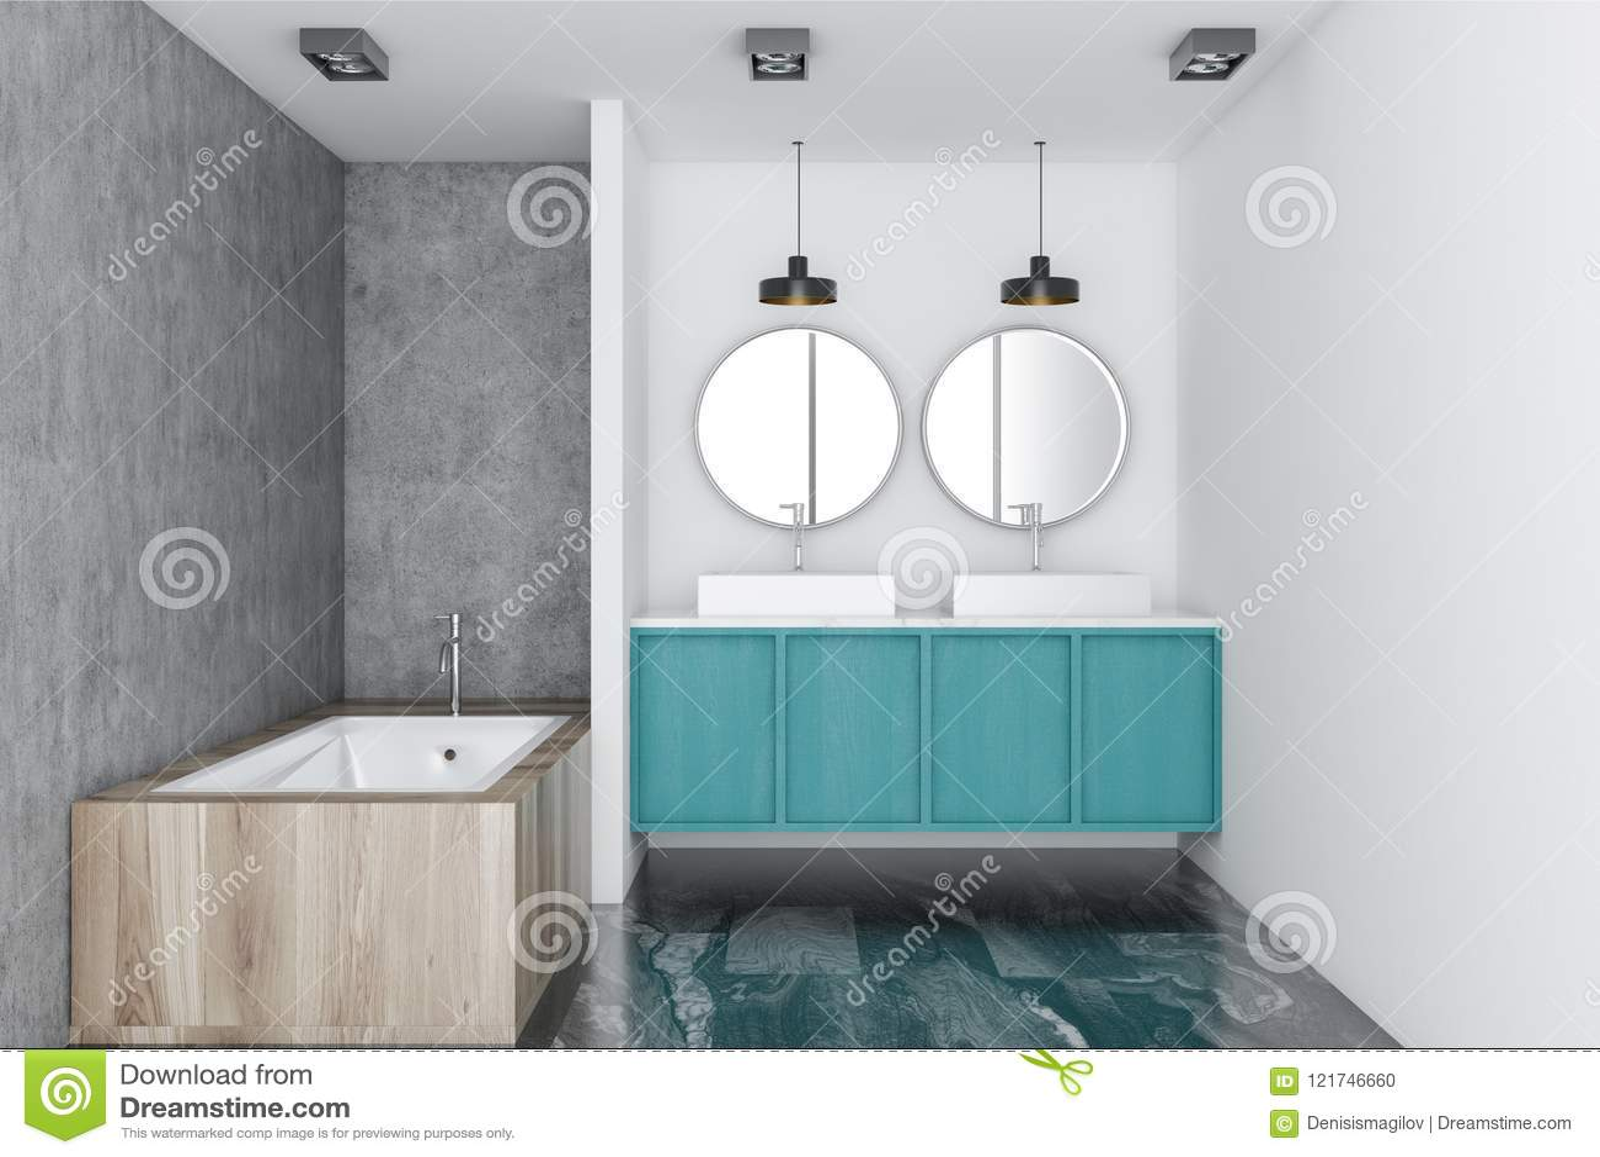 Una Vasca Da Bagno Traduzione In Francese : Carina arredo bagno outlet castel romano bagno idee